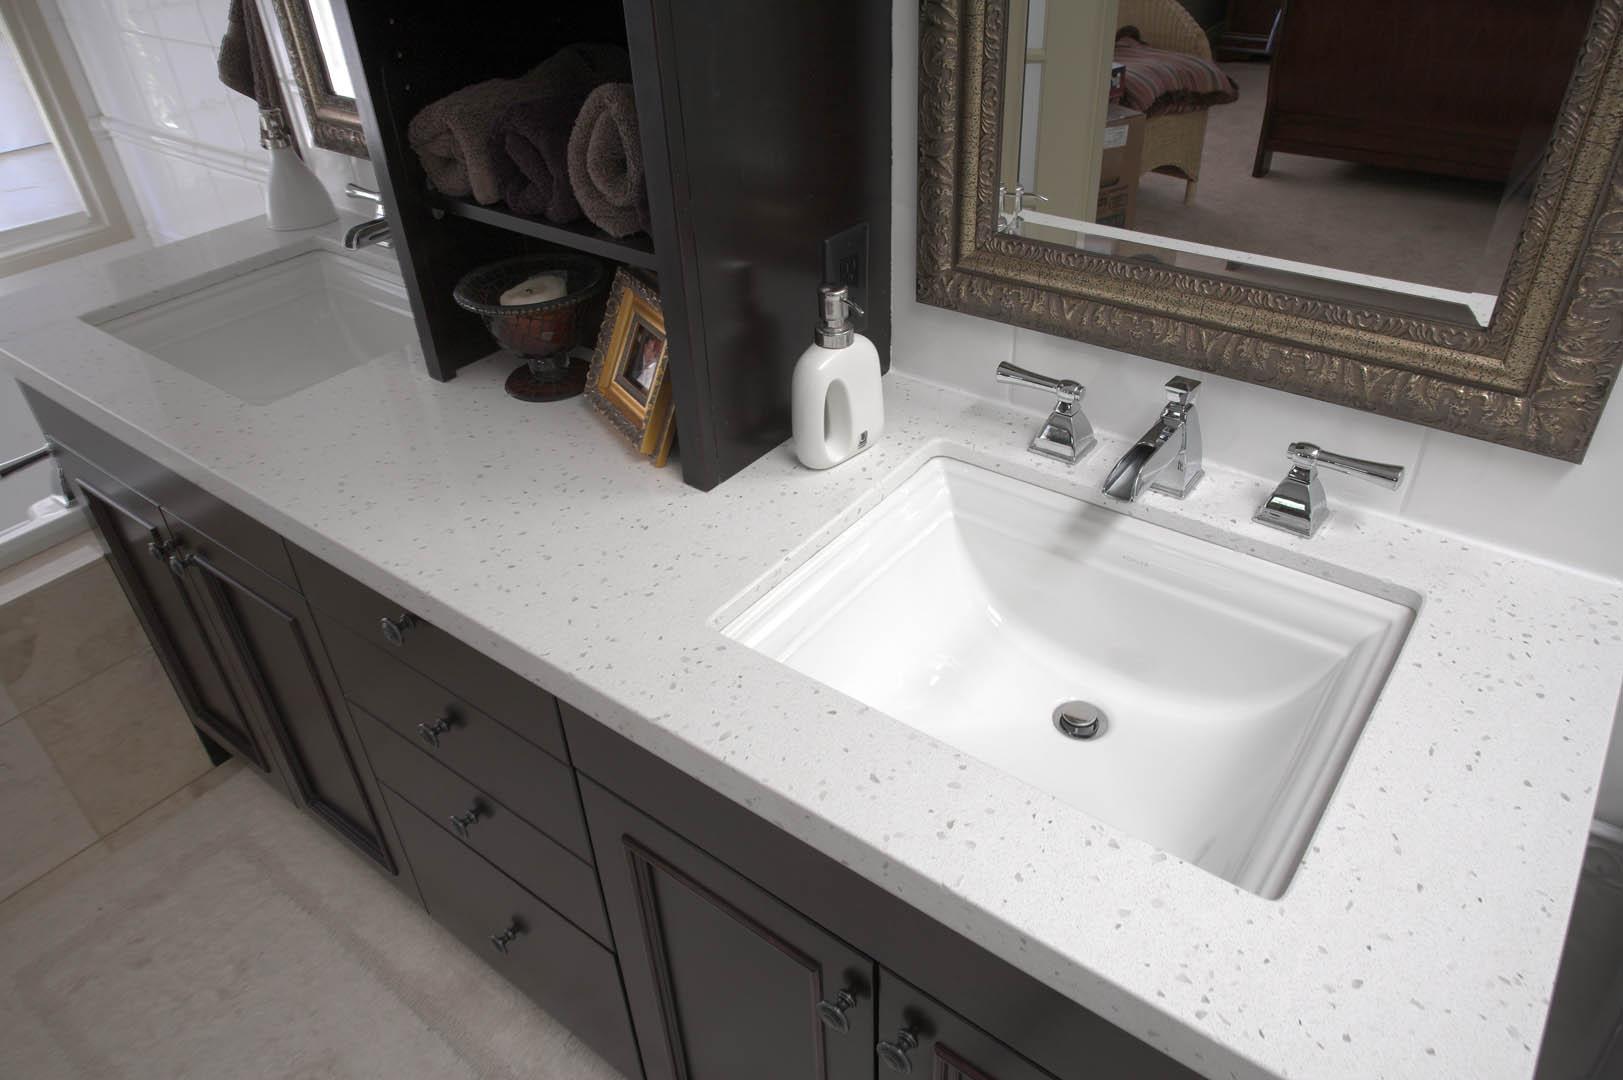 silkstone granite calgary custom granite countertops. Black Bedroom Furniture Sets. Home Design Ideas